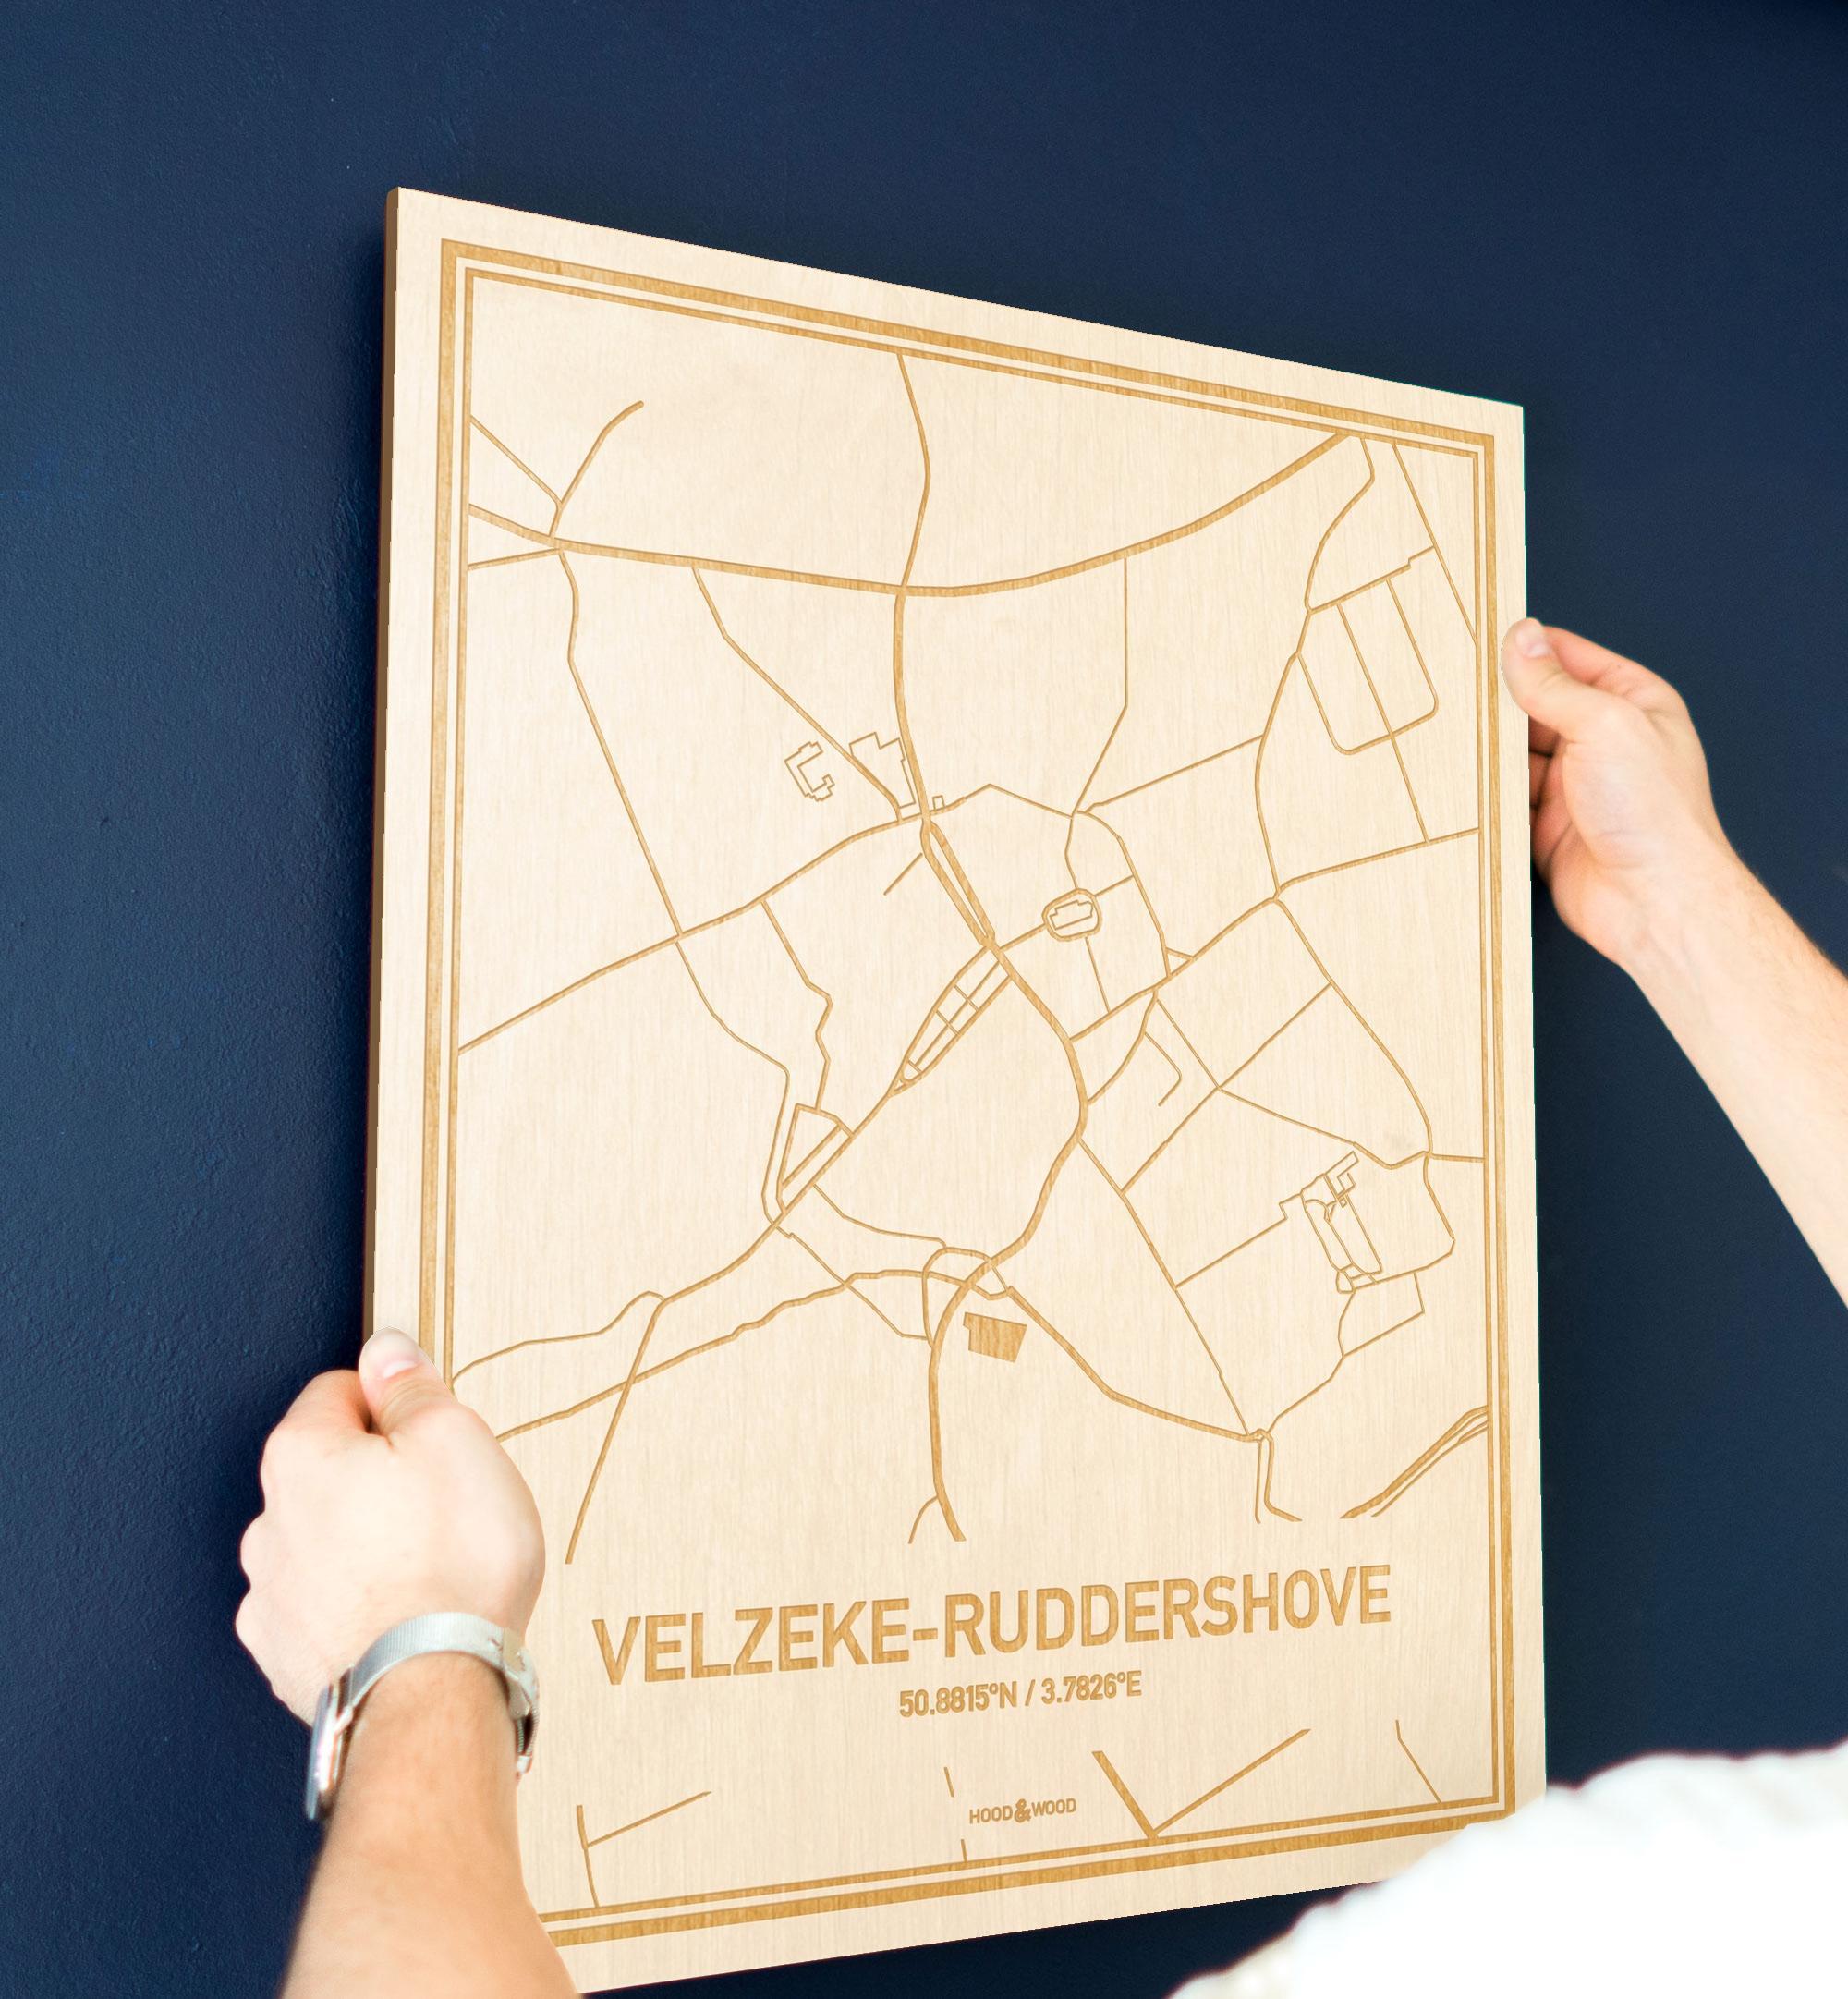 Een man hangt de houten plattegrond Velzeke-Ruddershove aan zijn blauwe muur ter decoratie. Je ziet alleen zijn handen de kaart van deze originele in Oost-Vlaanderen  vasthouden.